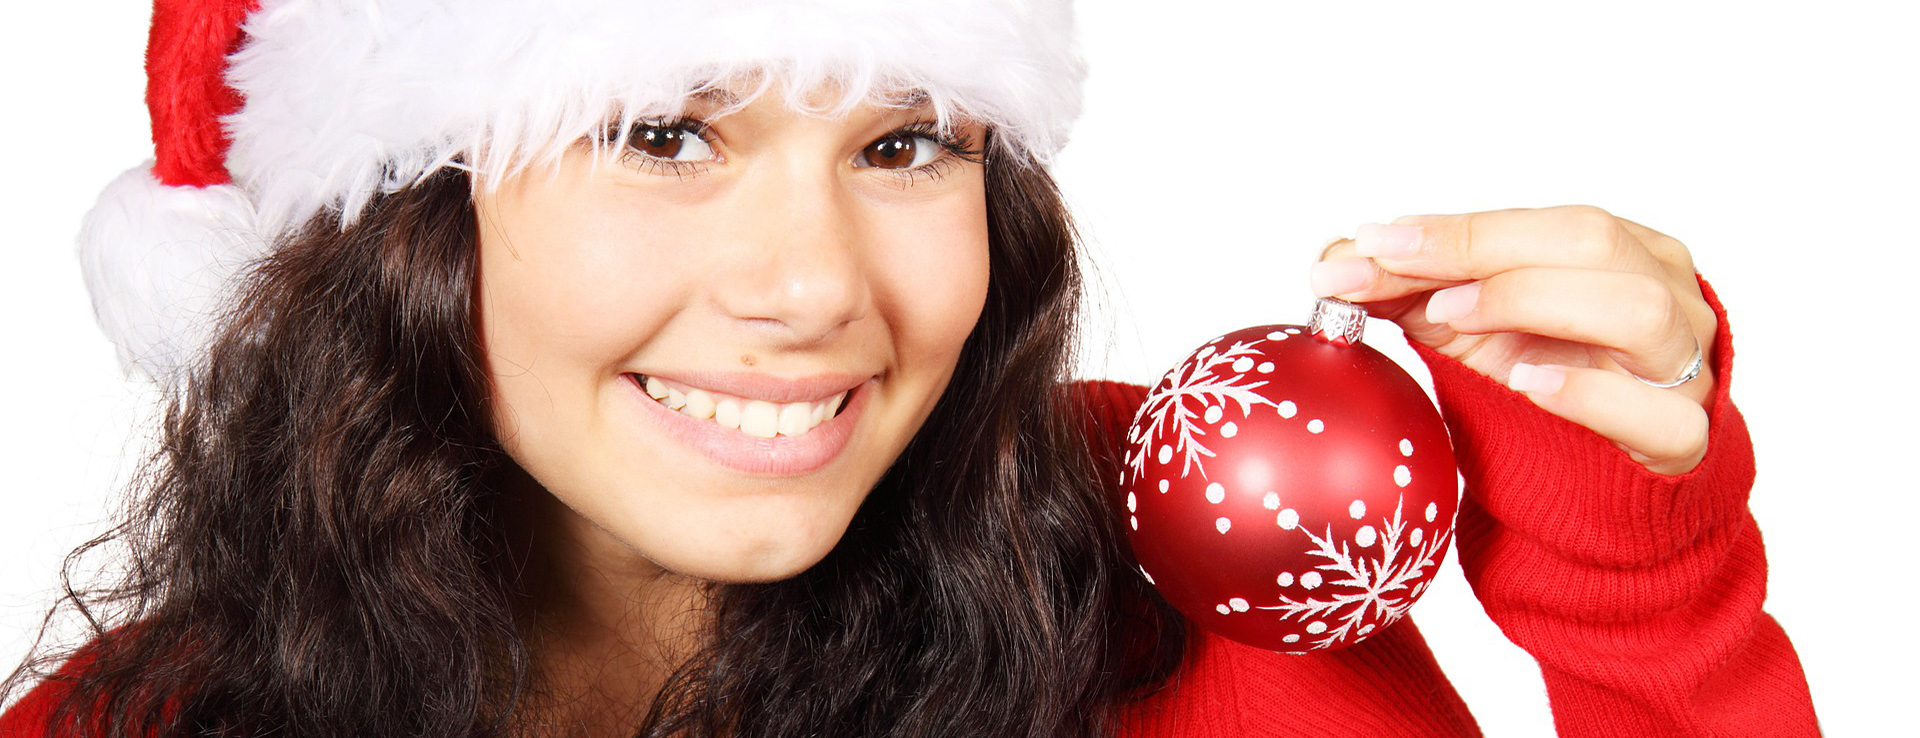 7 claves para el Christmas perfecto